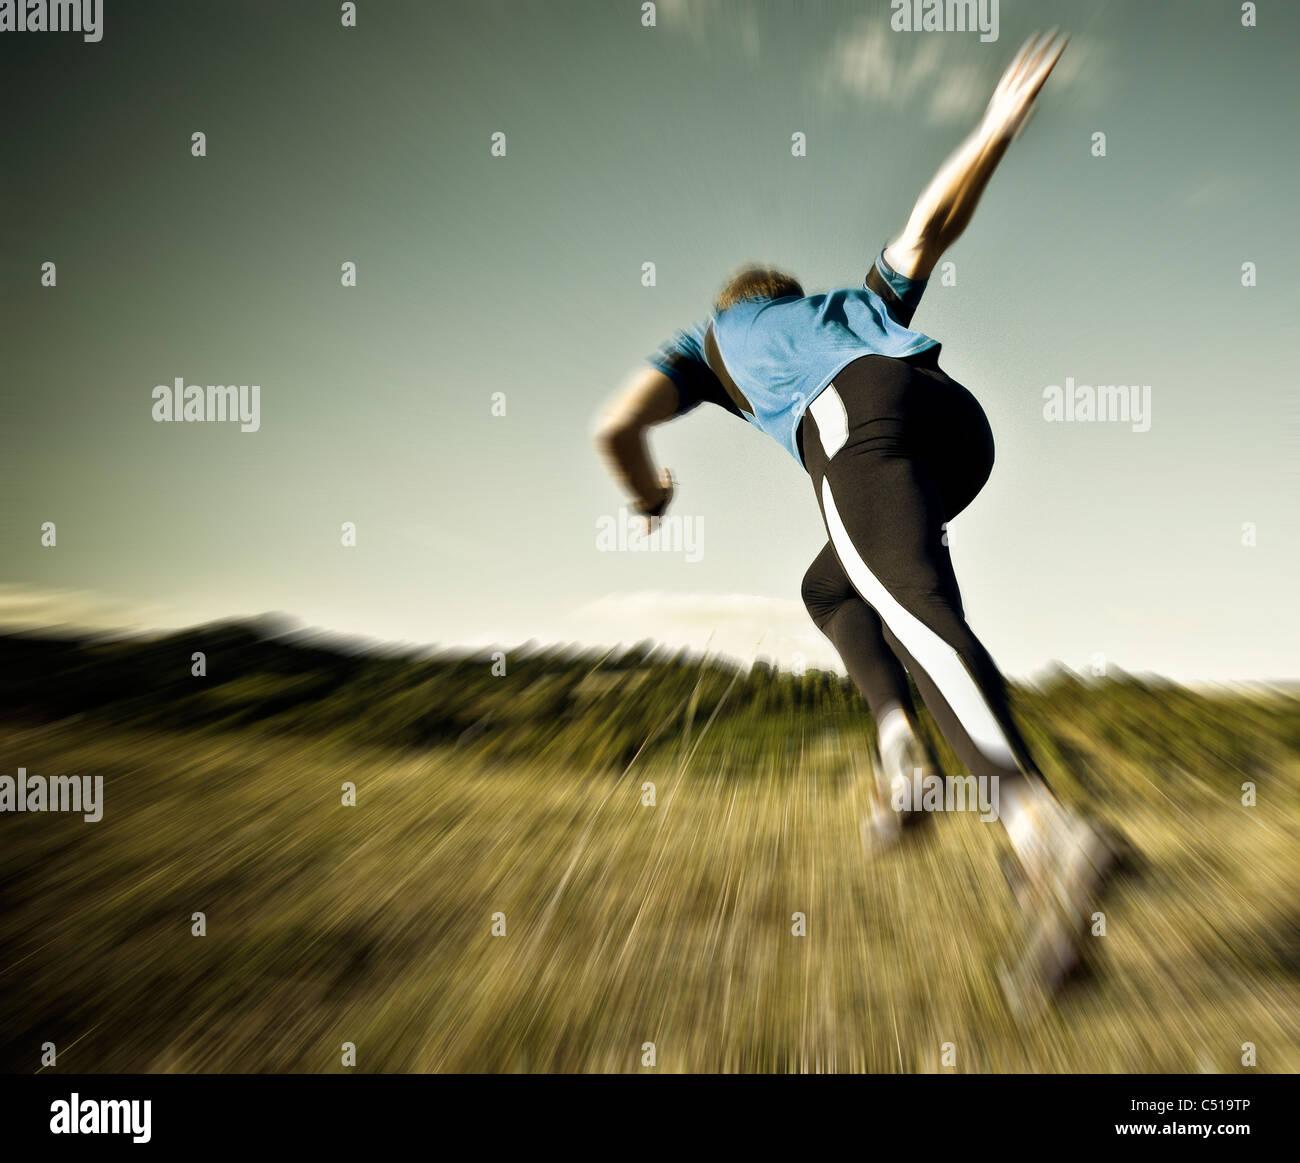 Runner at the start - Stock Image